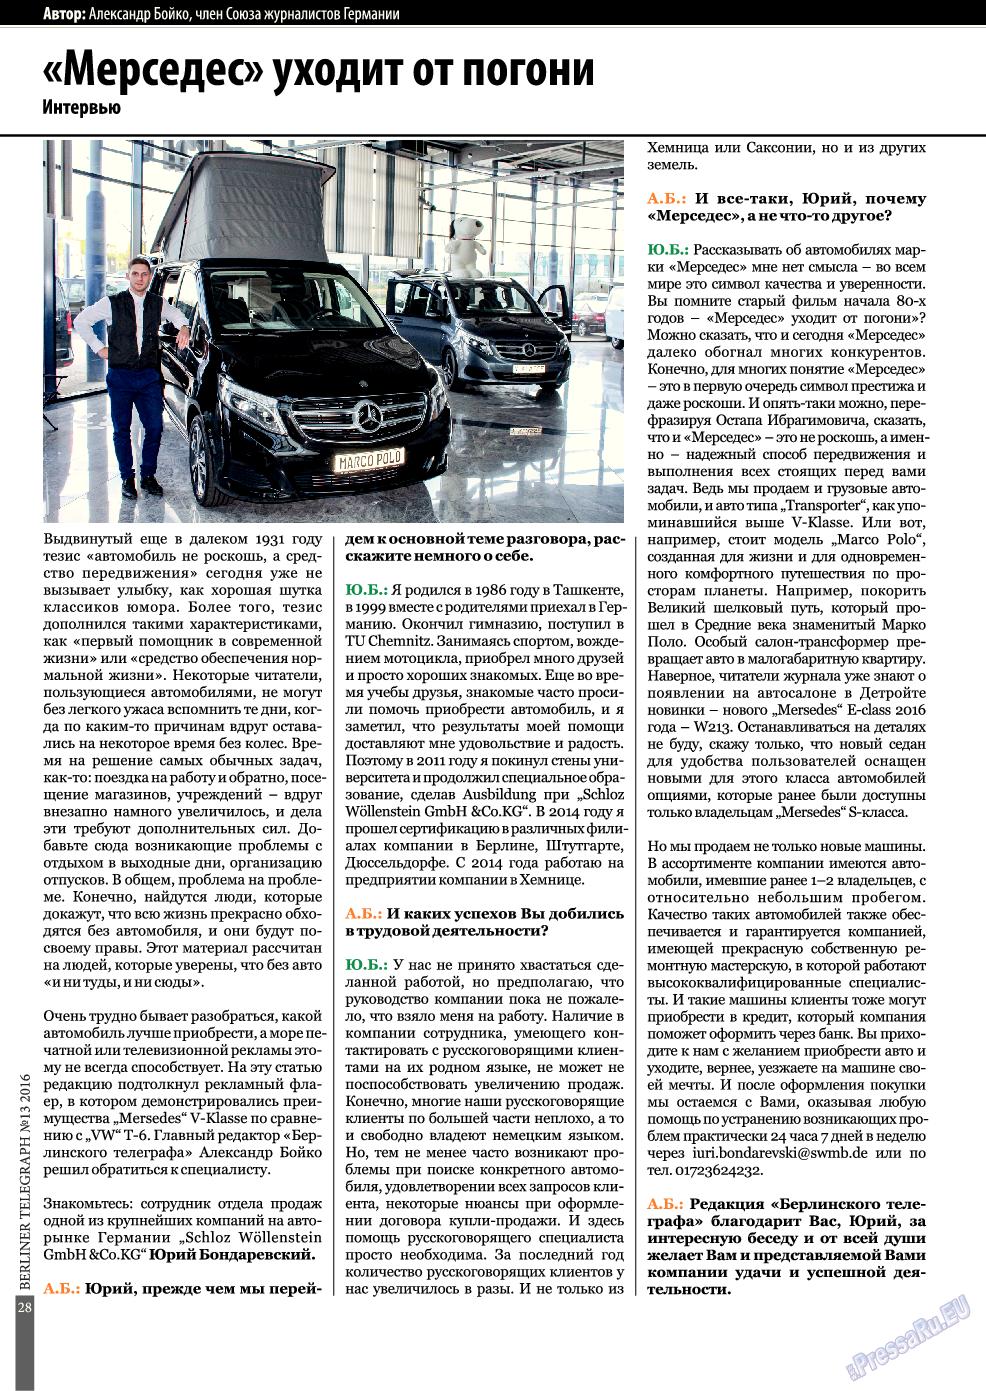 Берлинский телеграф (журнал). 2016 год, номер 13, стр. 28